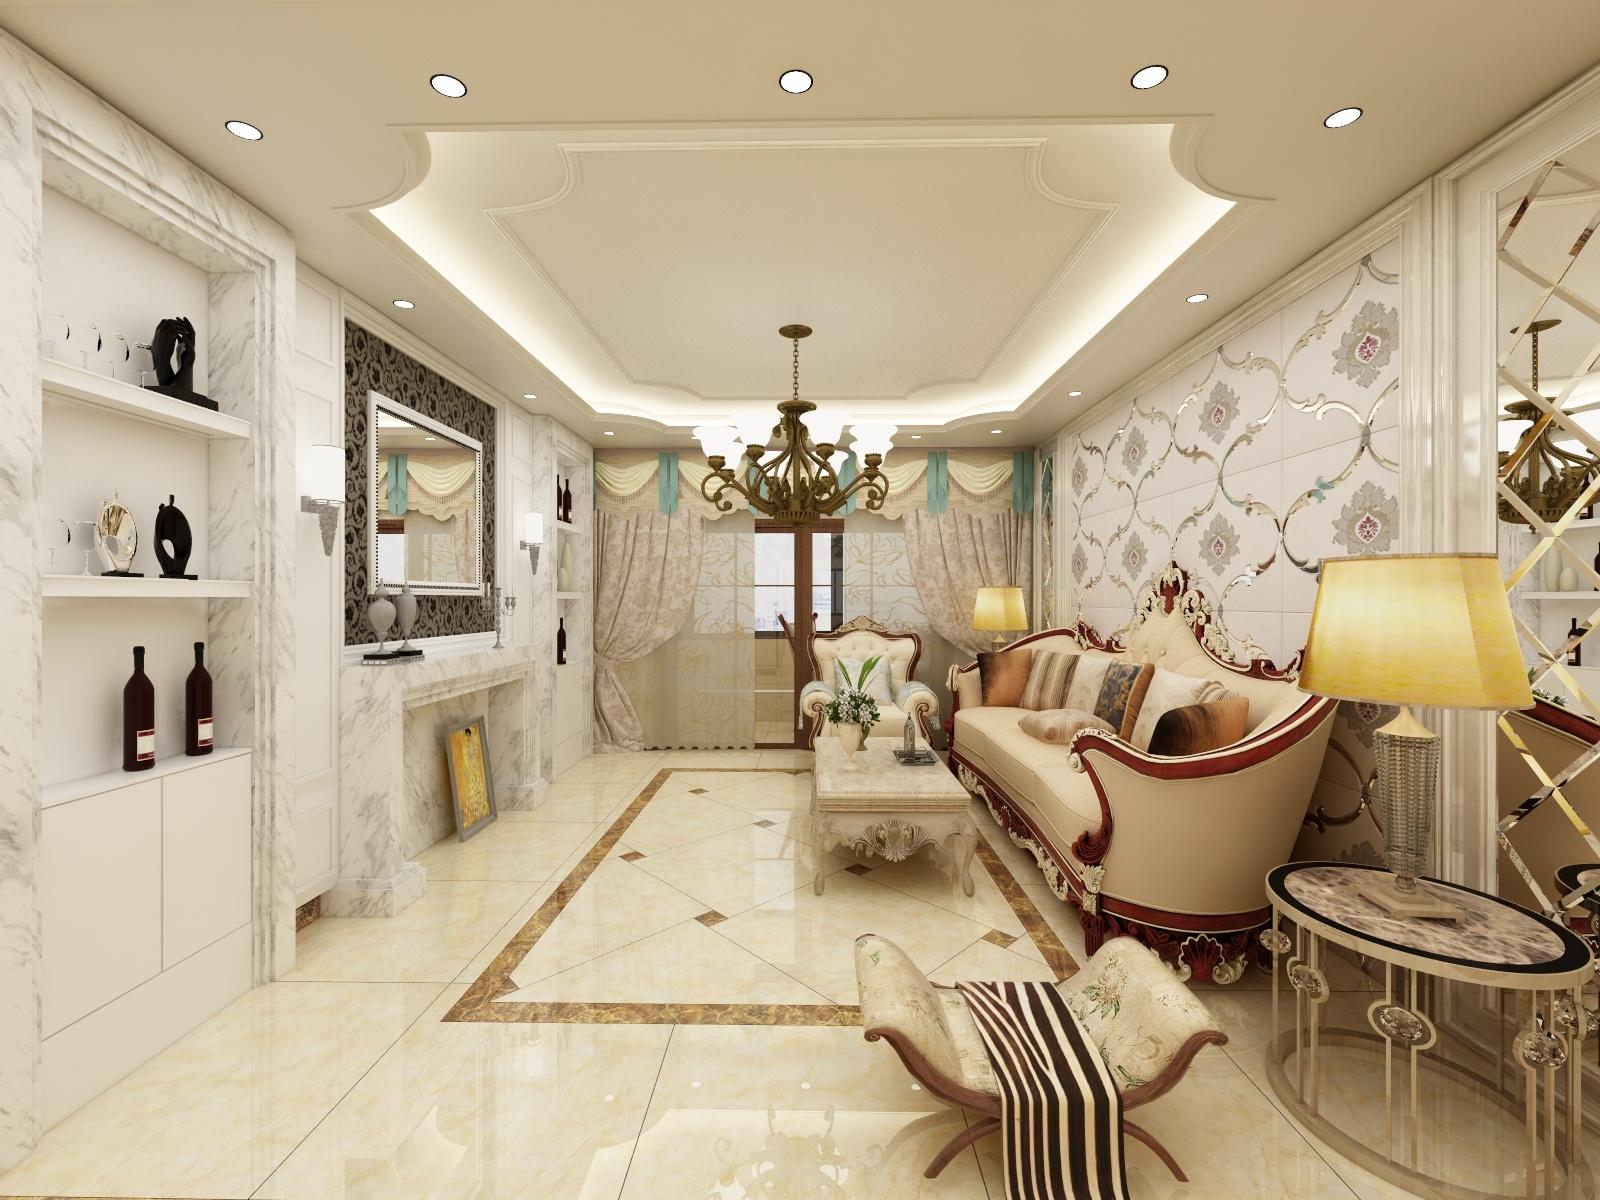 天佑小区三室两厅-设计师:李楠